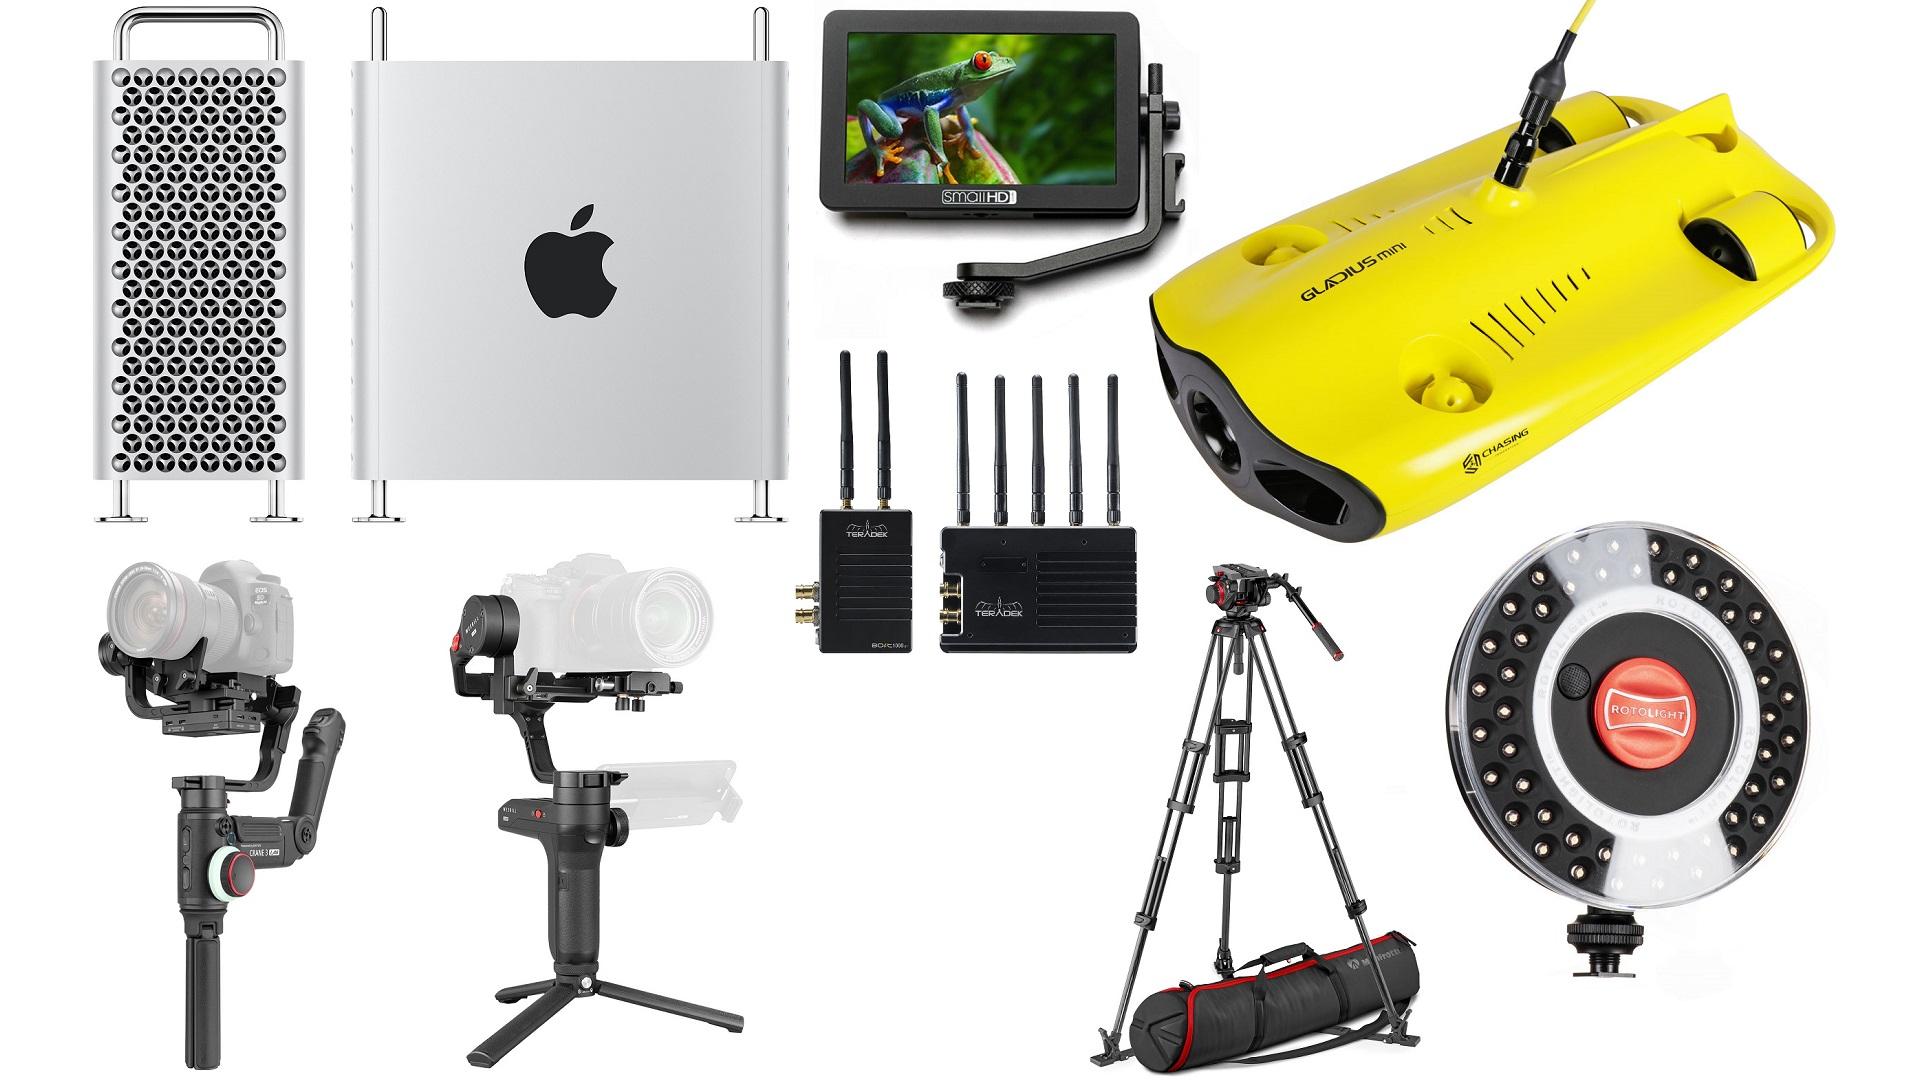 Las mejores ofertas de esta semana para cineastas: Apple Mac Pro, Teradek, Gimbals Zhiyun, SmallHD y más